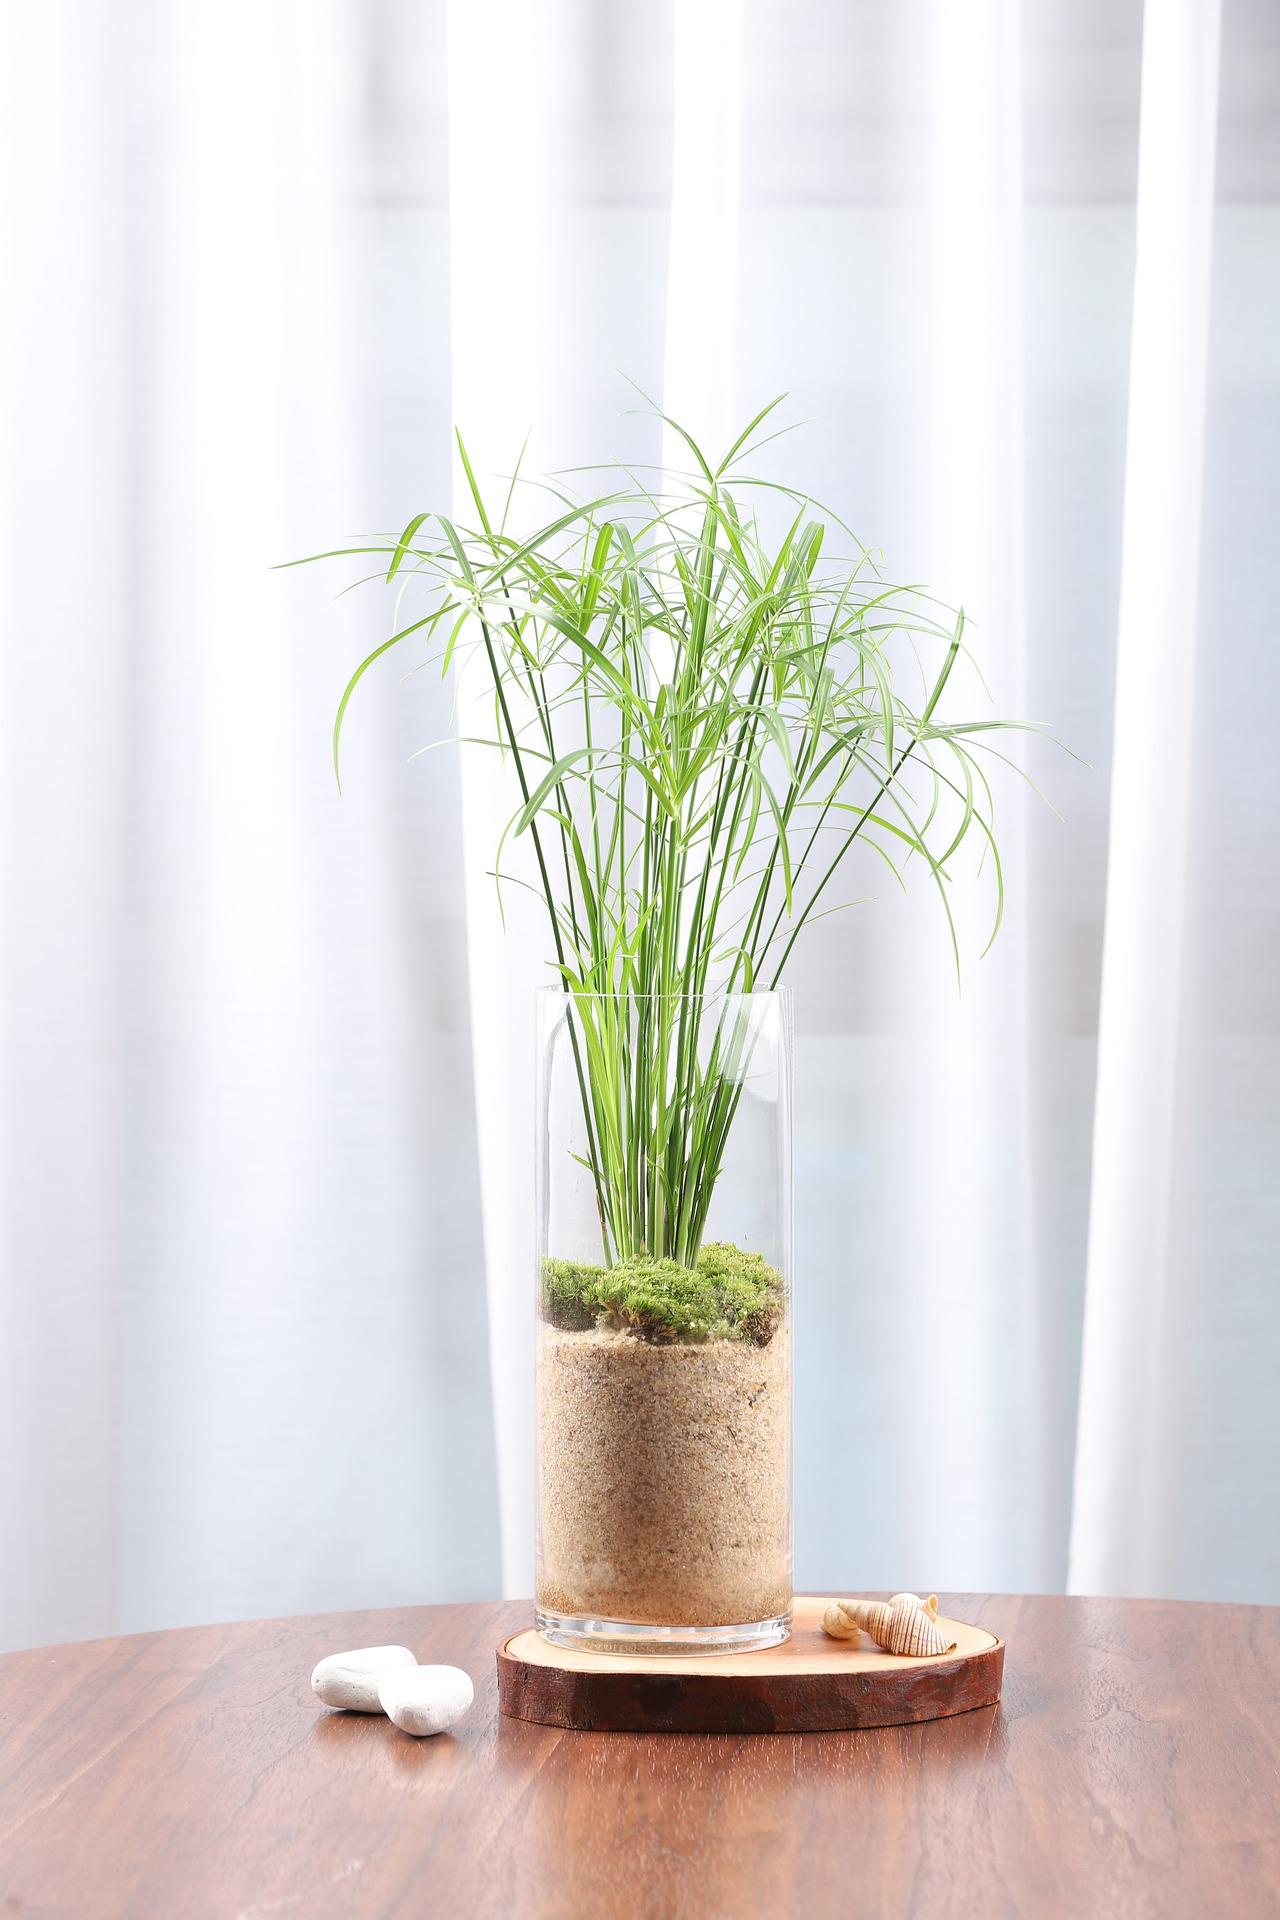 papyrus 2 - Image par subin cho de Pixabay  -  La jardinerie de pessicart nice - Livraison a domicile nice 06 plantes vertes terres terreaux jardinage arbres cactus